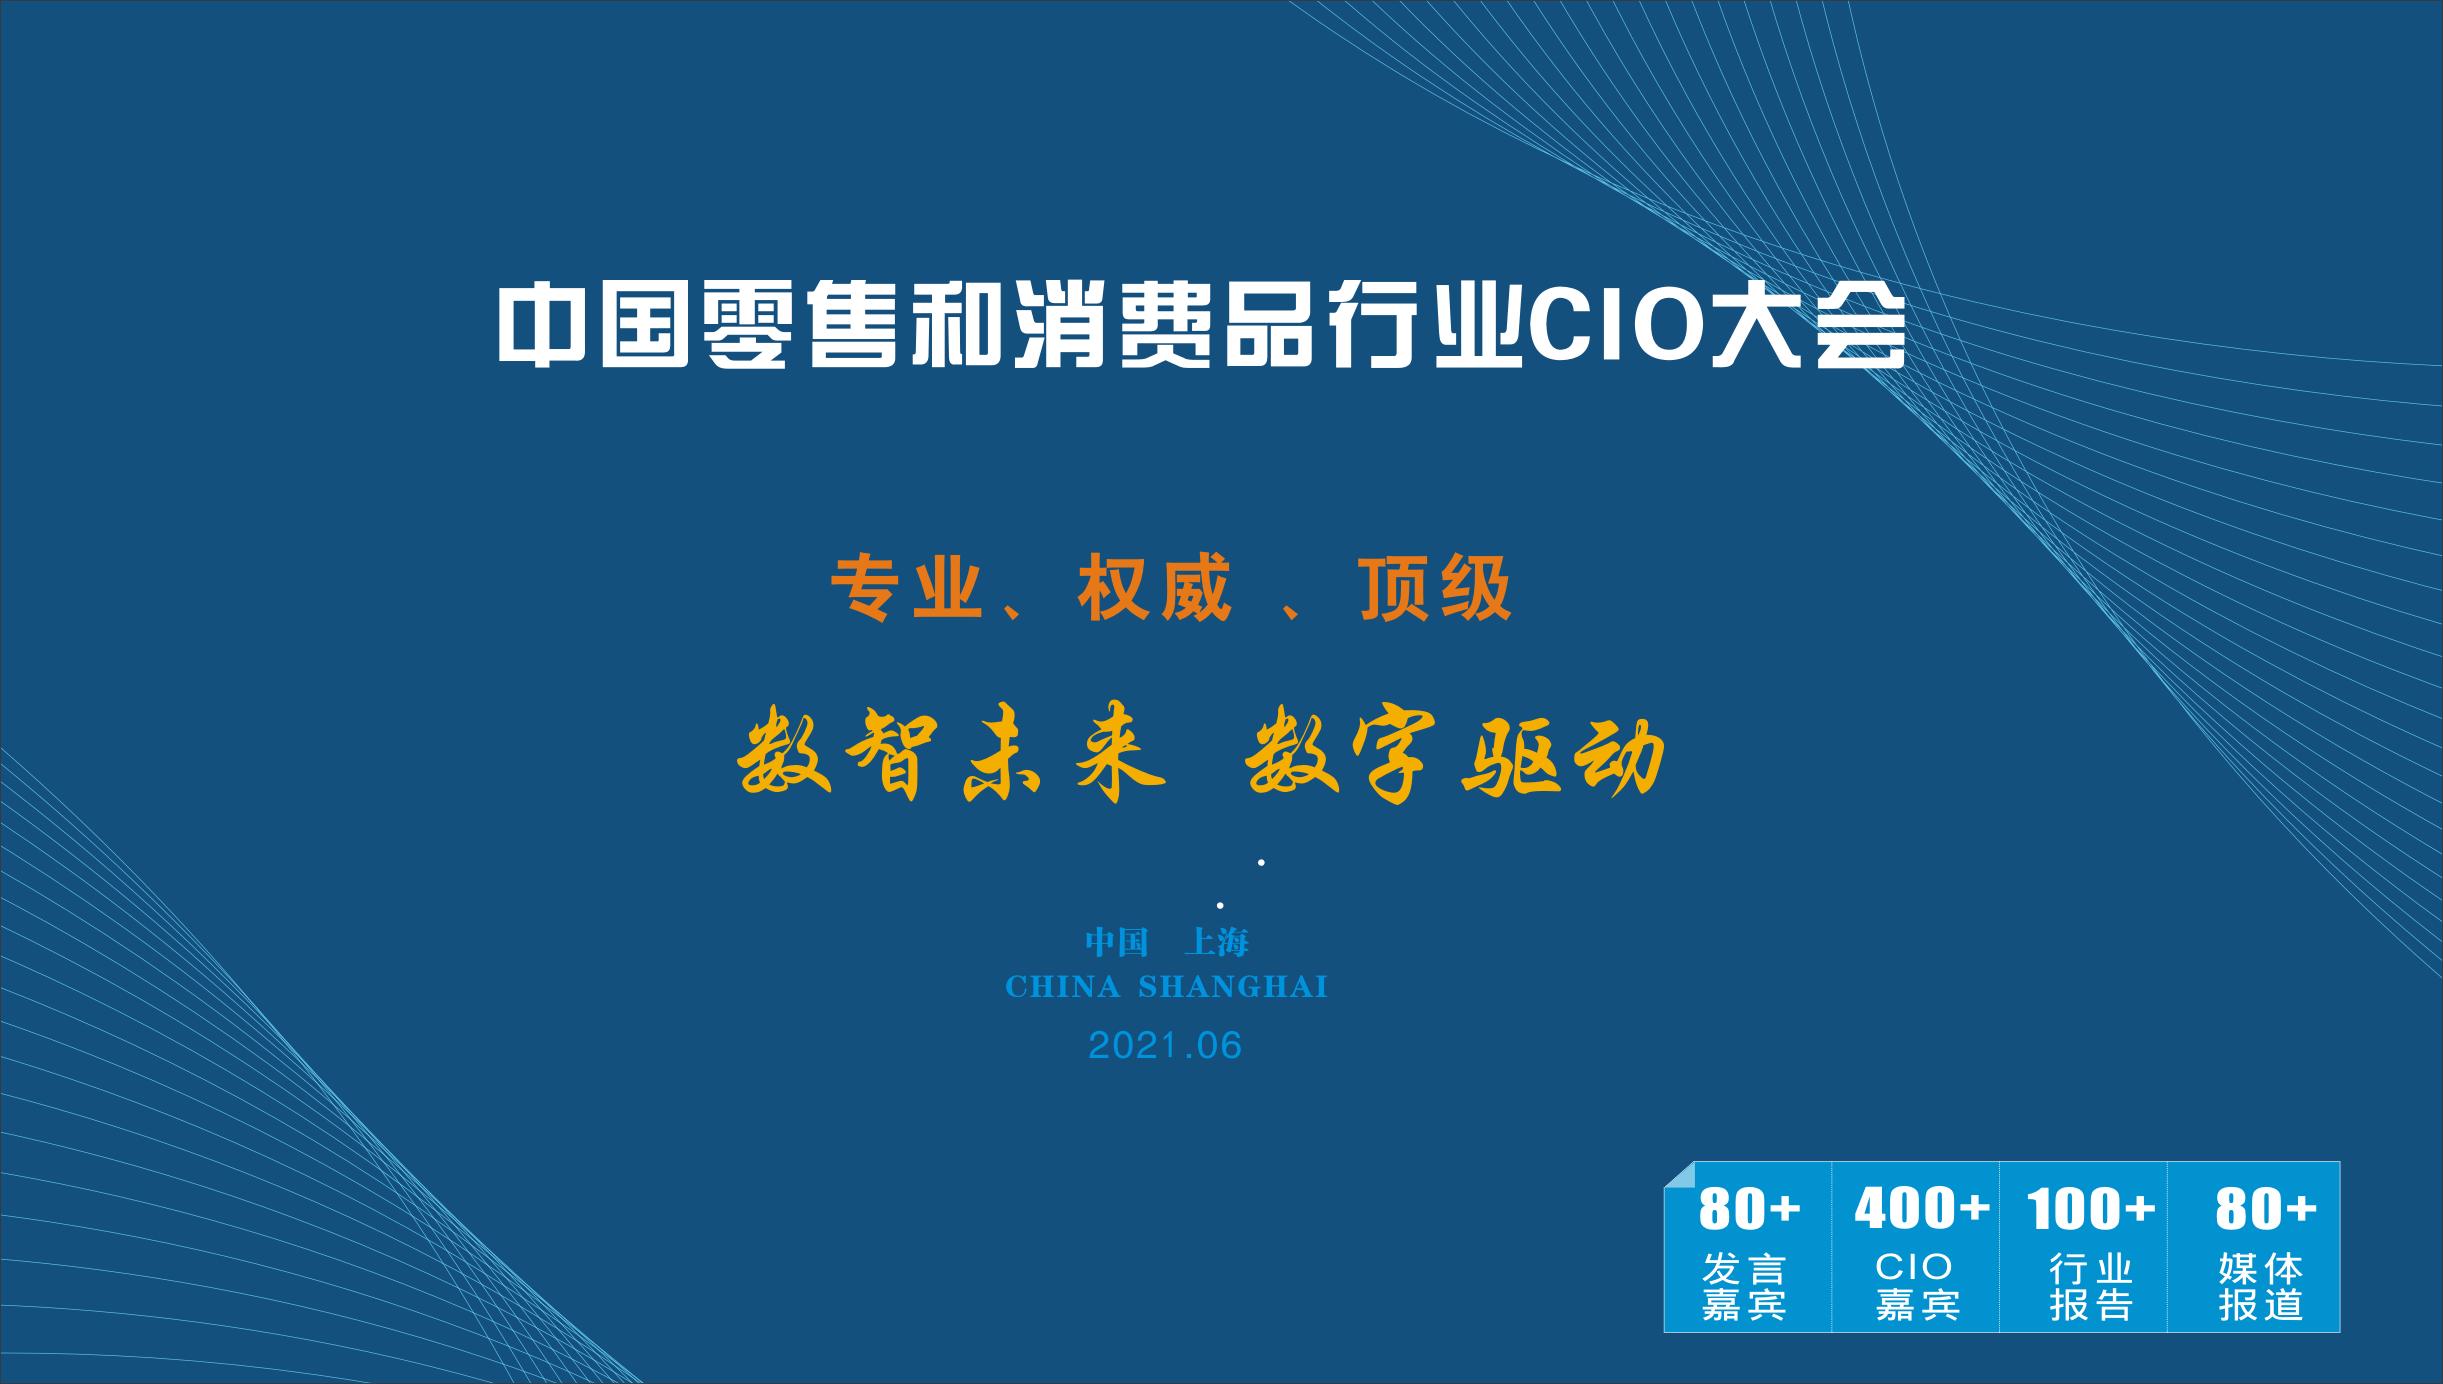 中国零售和消费品行业CIO大会